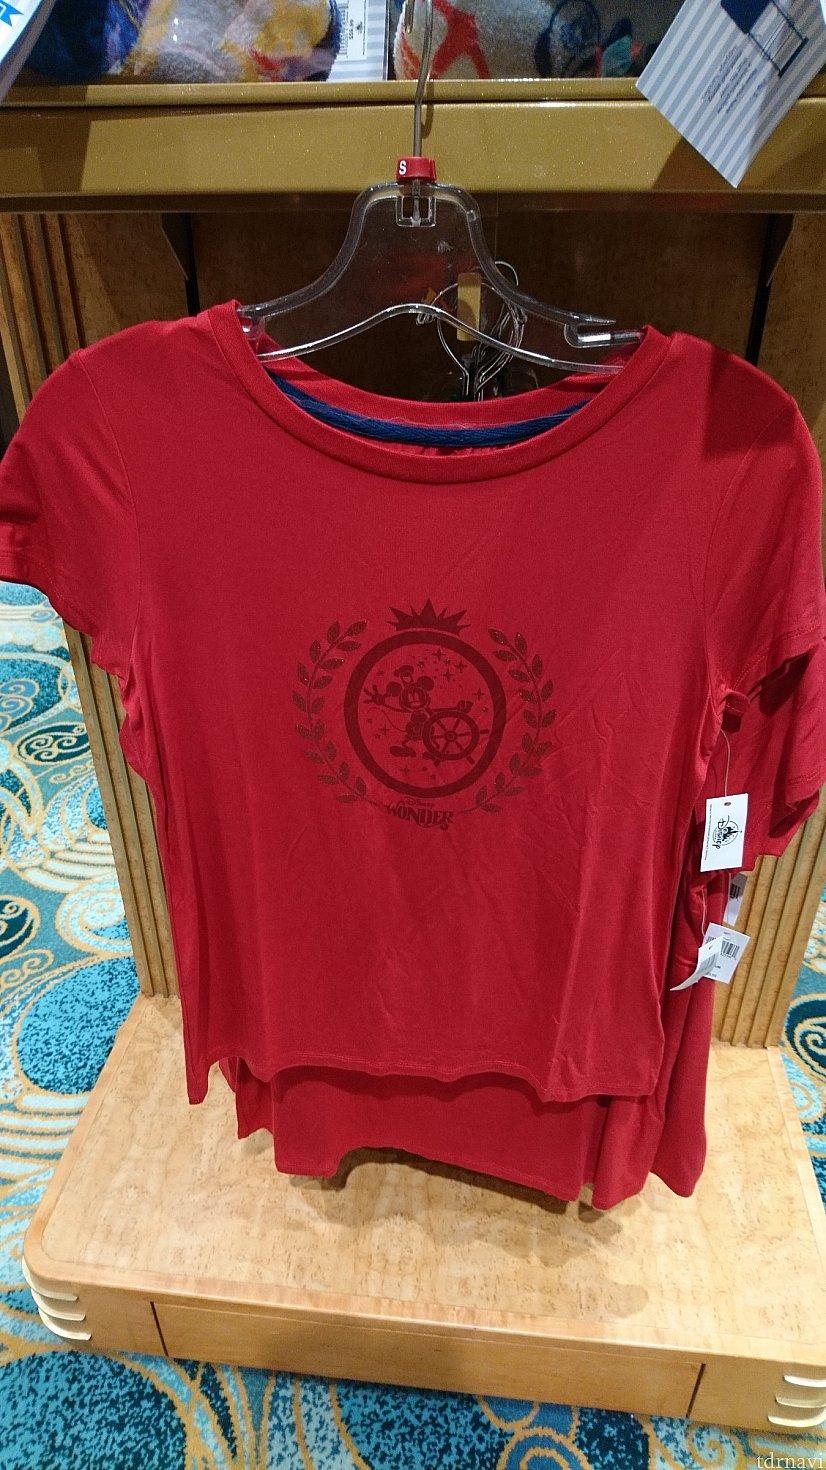 ワンダー号のTシャツ!